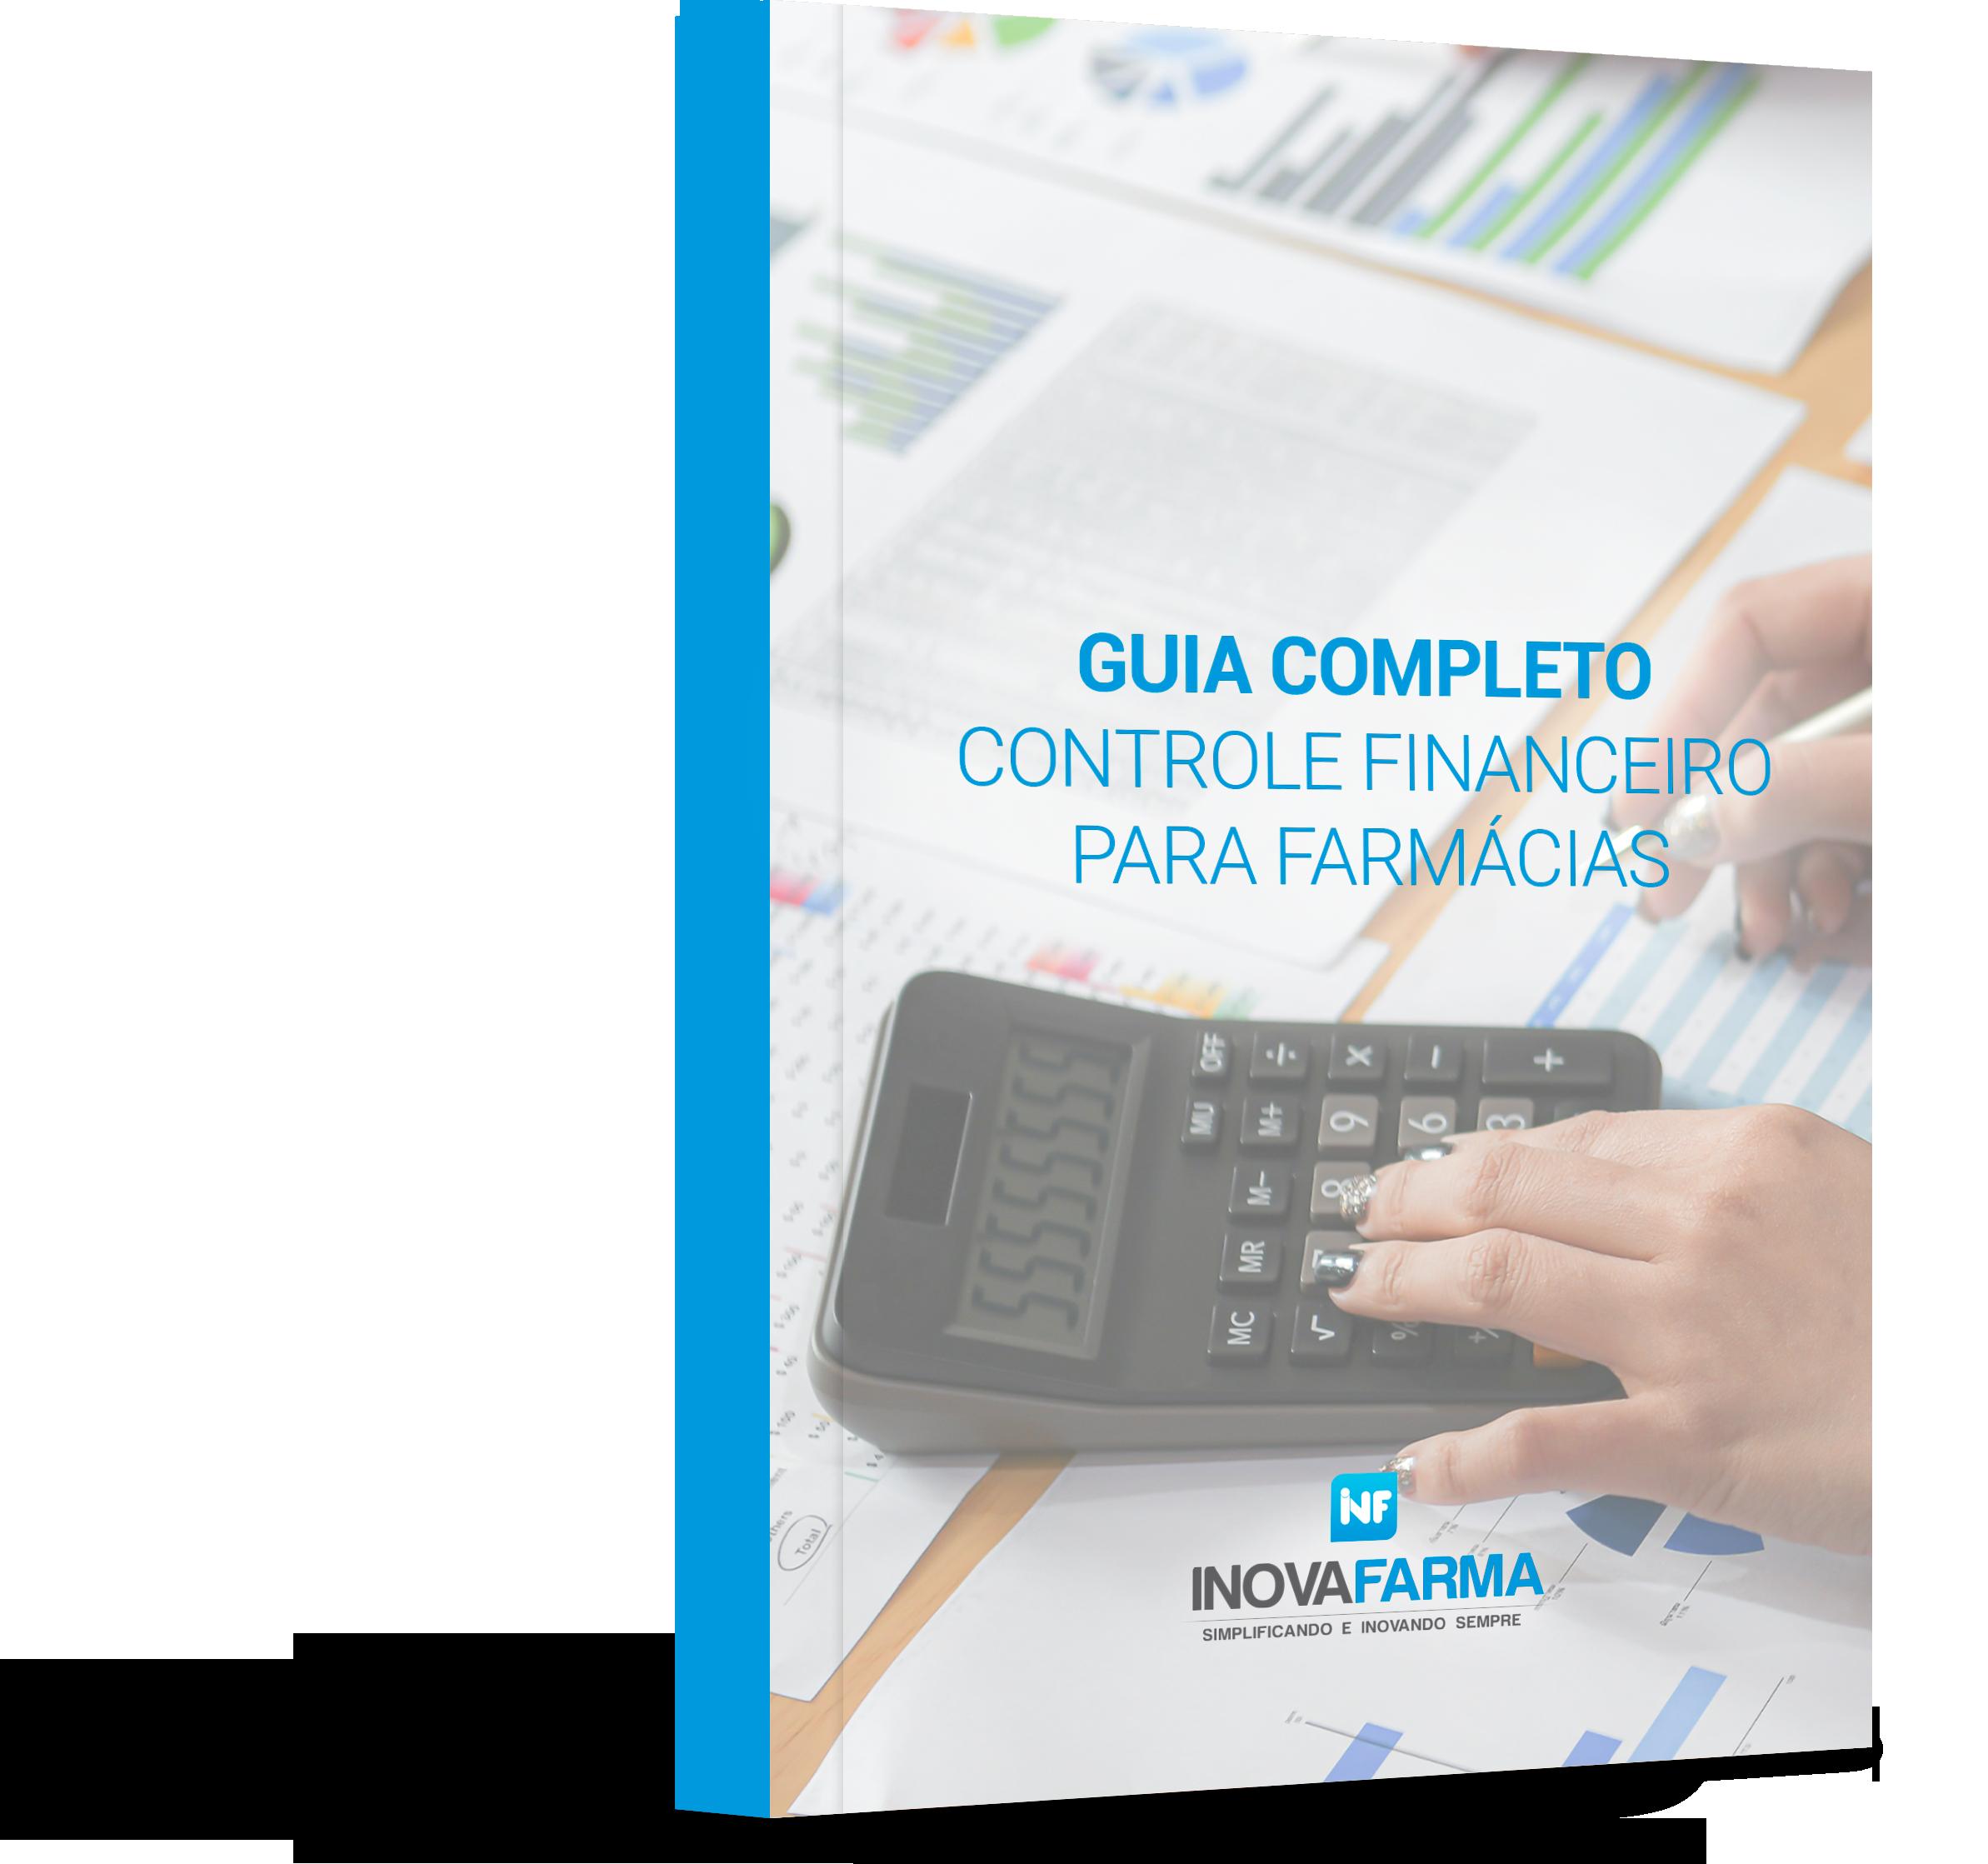 Guia Completo: Controle Financeiro para Farmácias